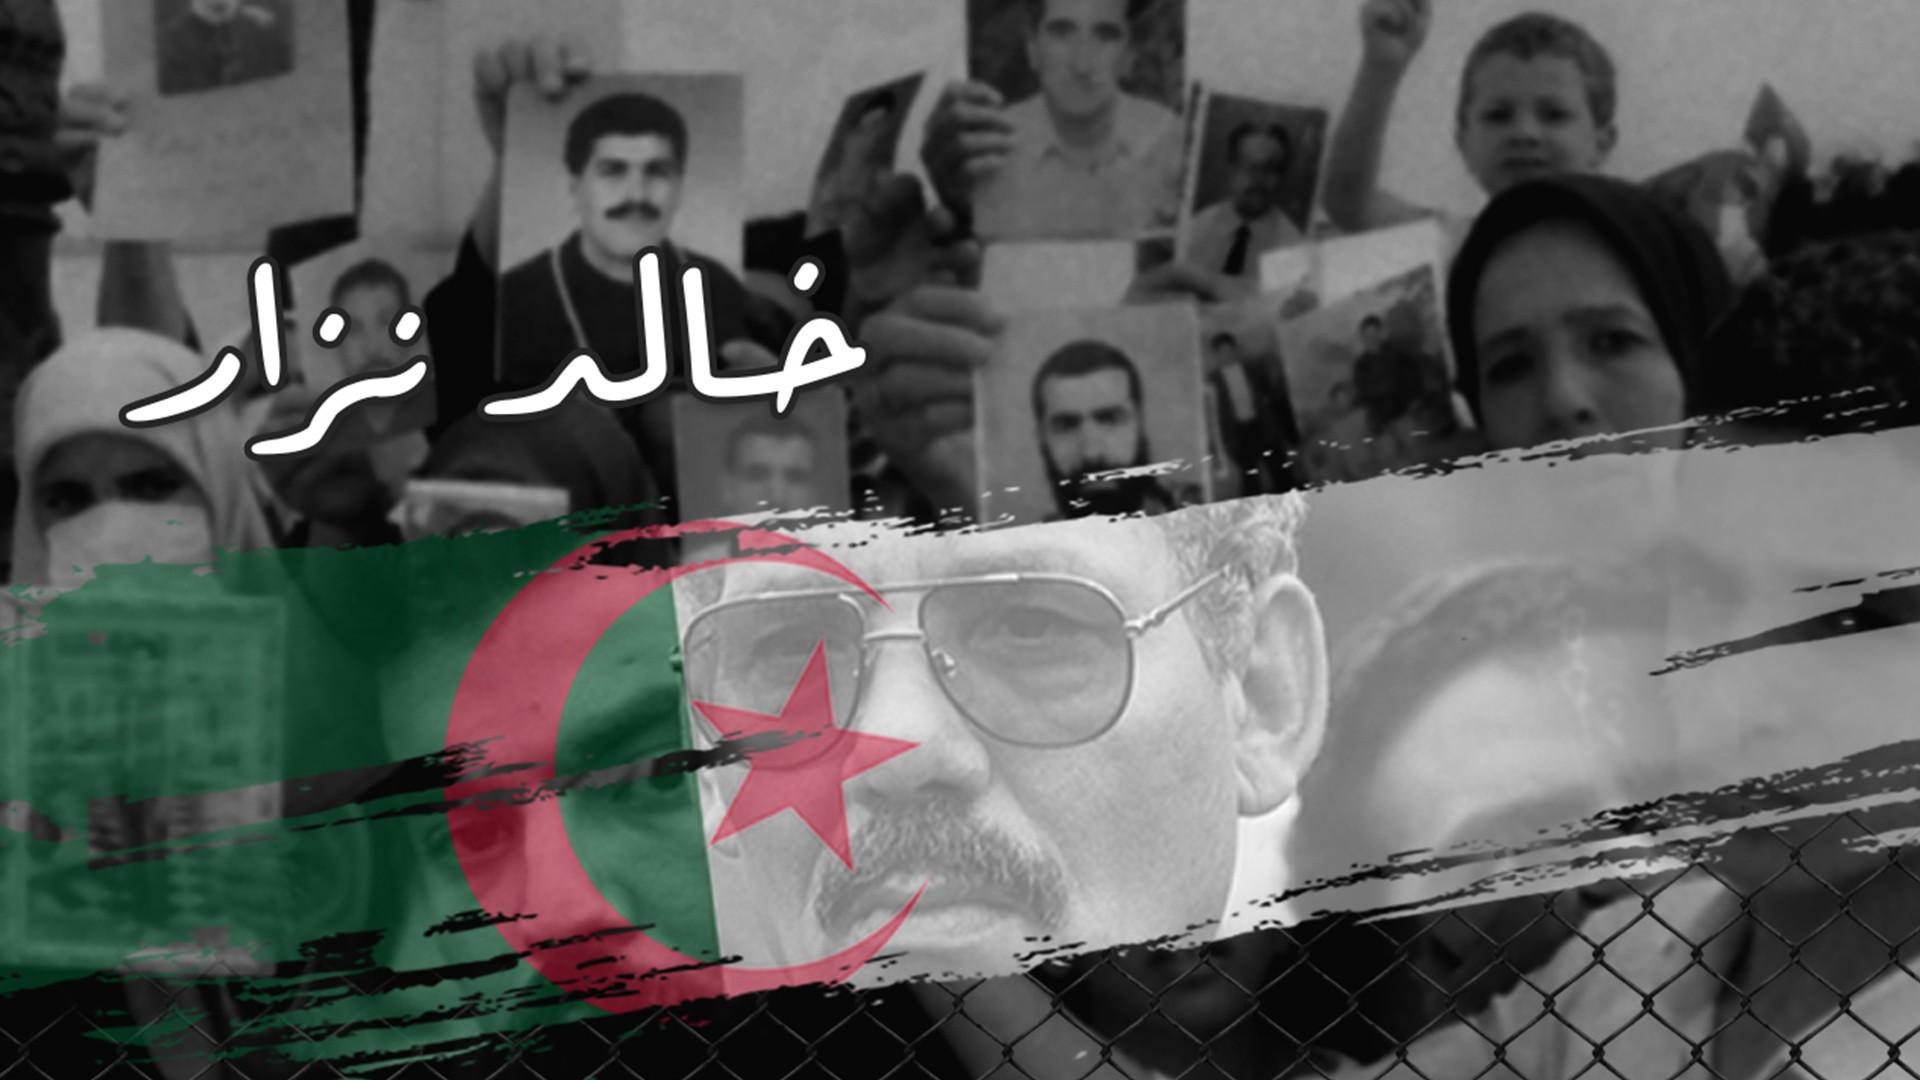 العشرية-السوداء-في-الجزائر--مذكرات-خالد-نزار---وزير-الدفاع-الجزائري-الأسبق